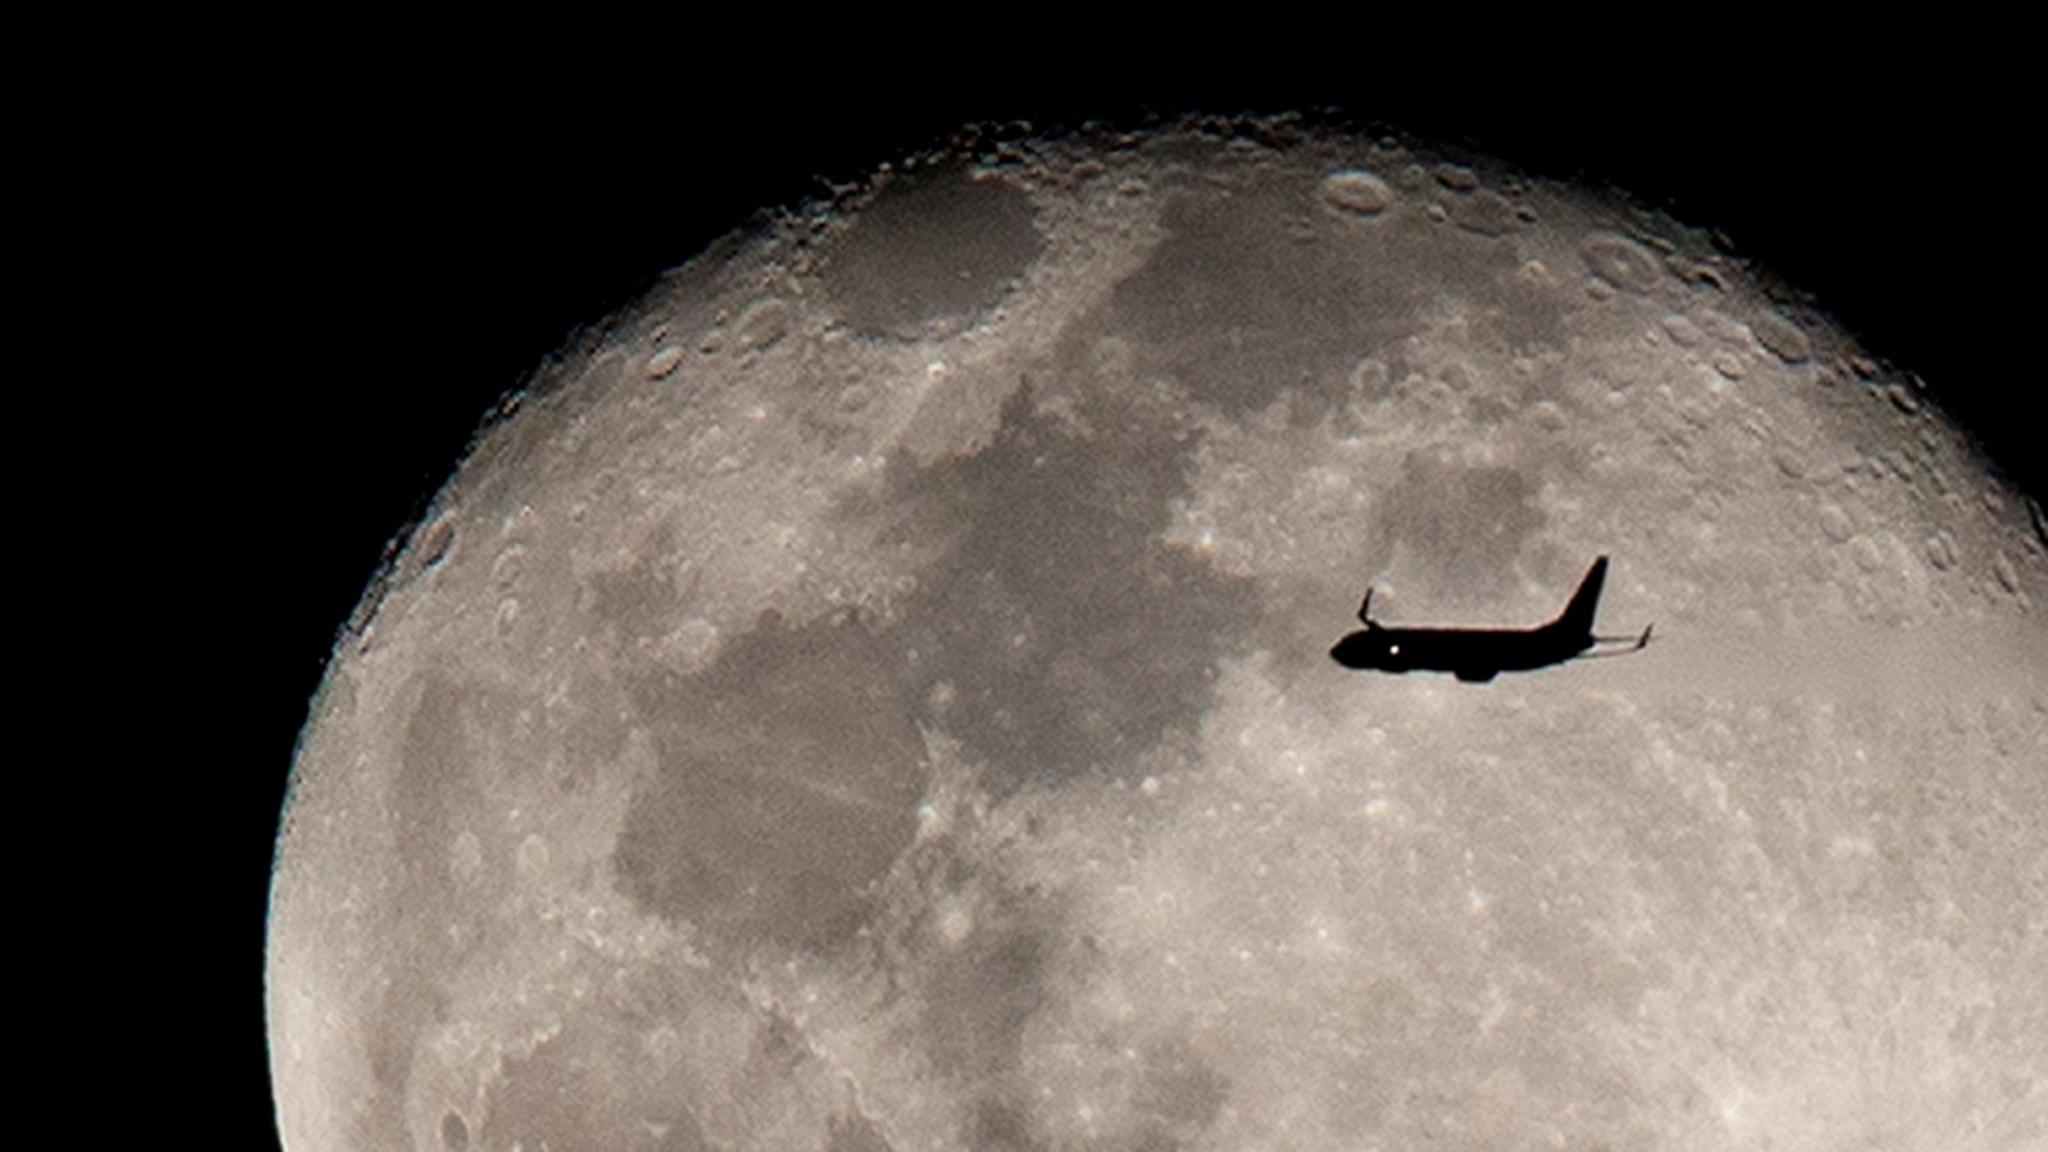 Sången till månen, Det är en ros utsprungen och Stilla natt på all världens språk